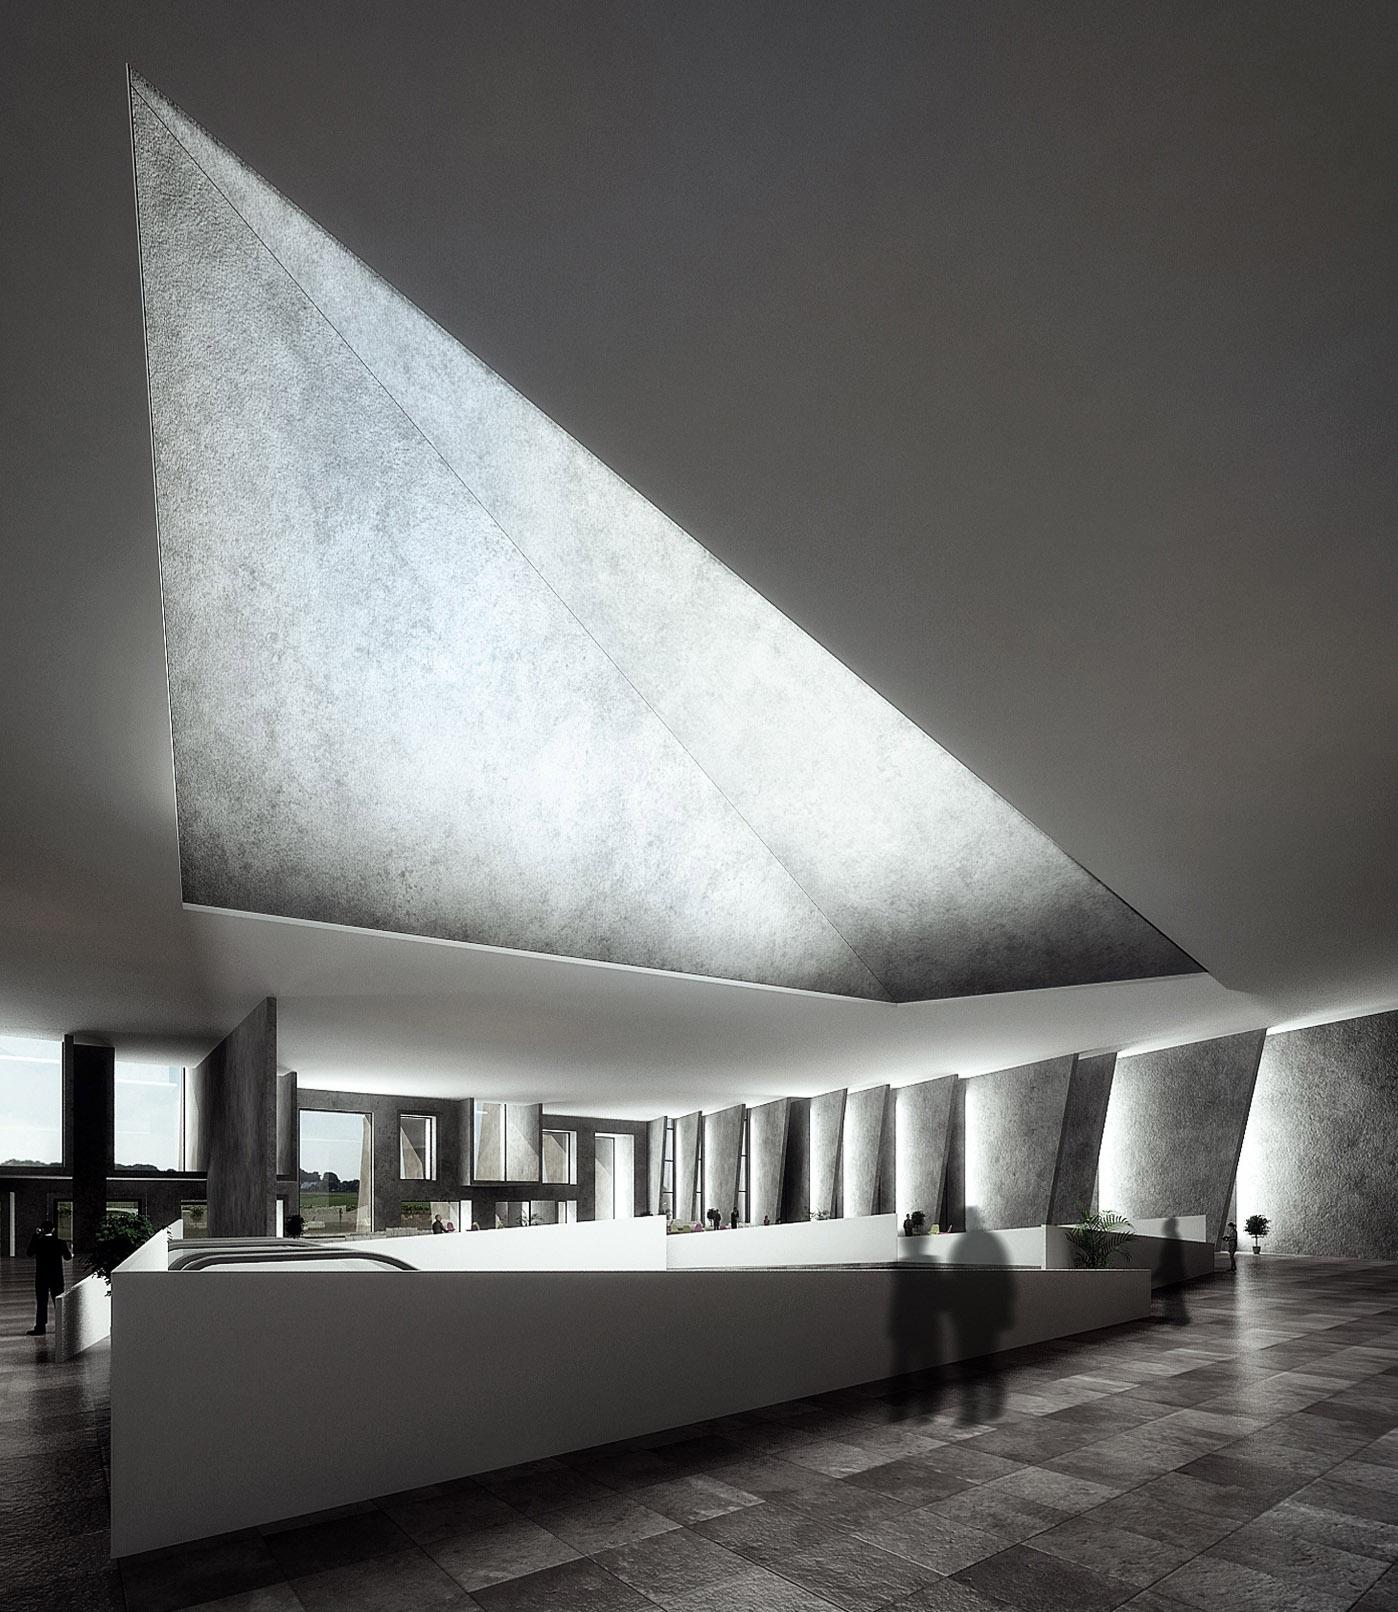 INTERNAL VIEW sanjay puri architects